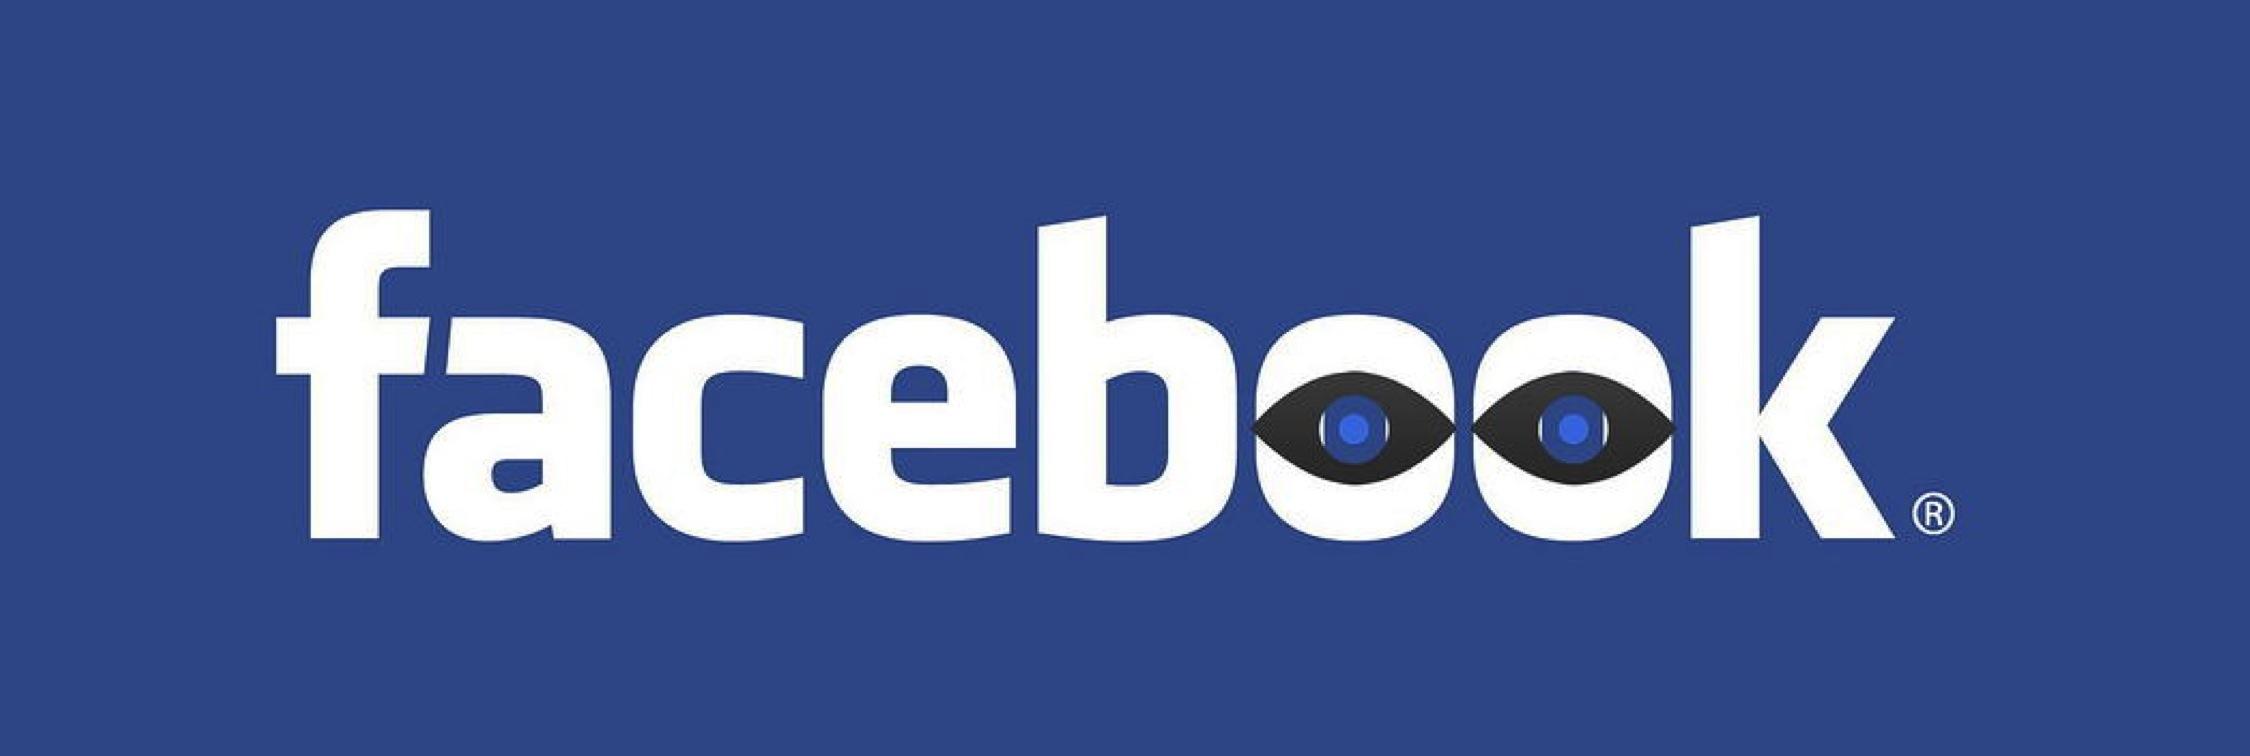 FacebookOculusRift.jpg